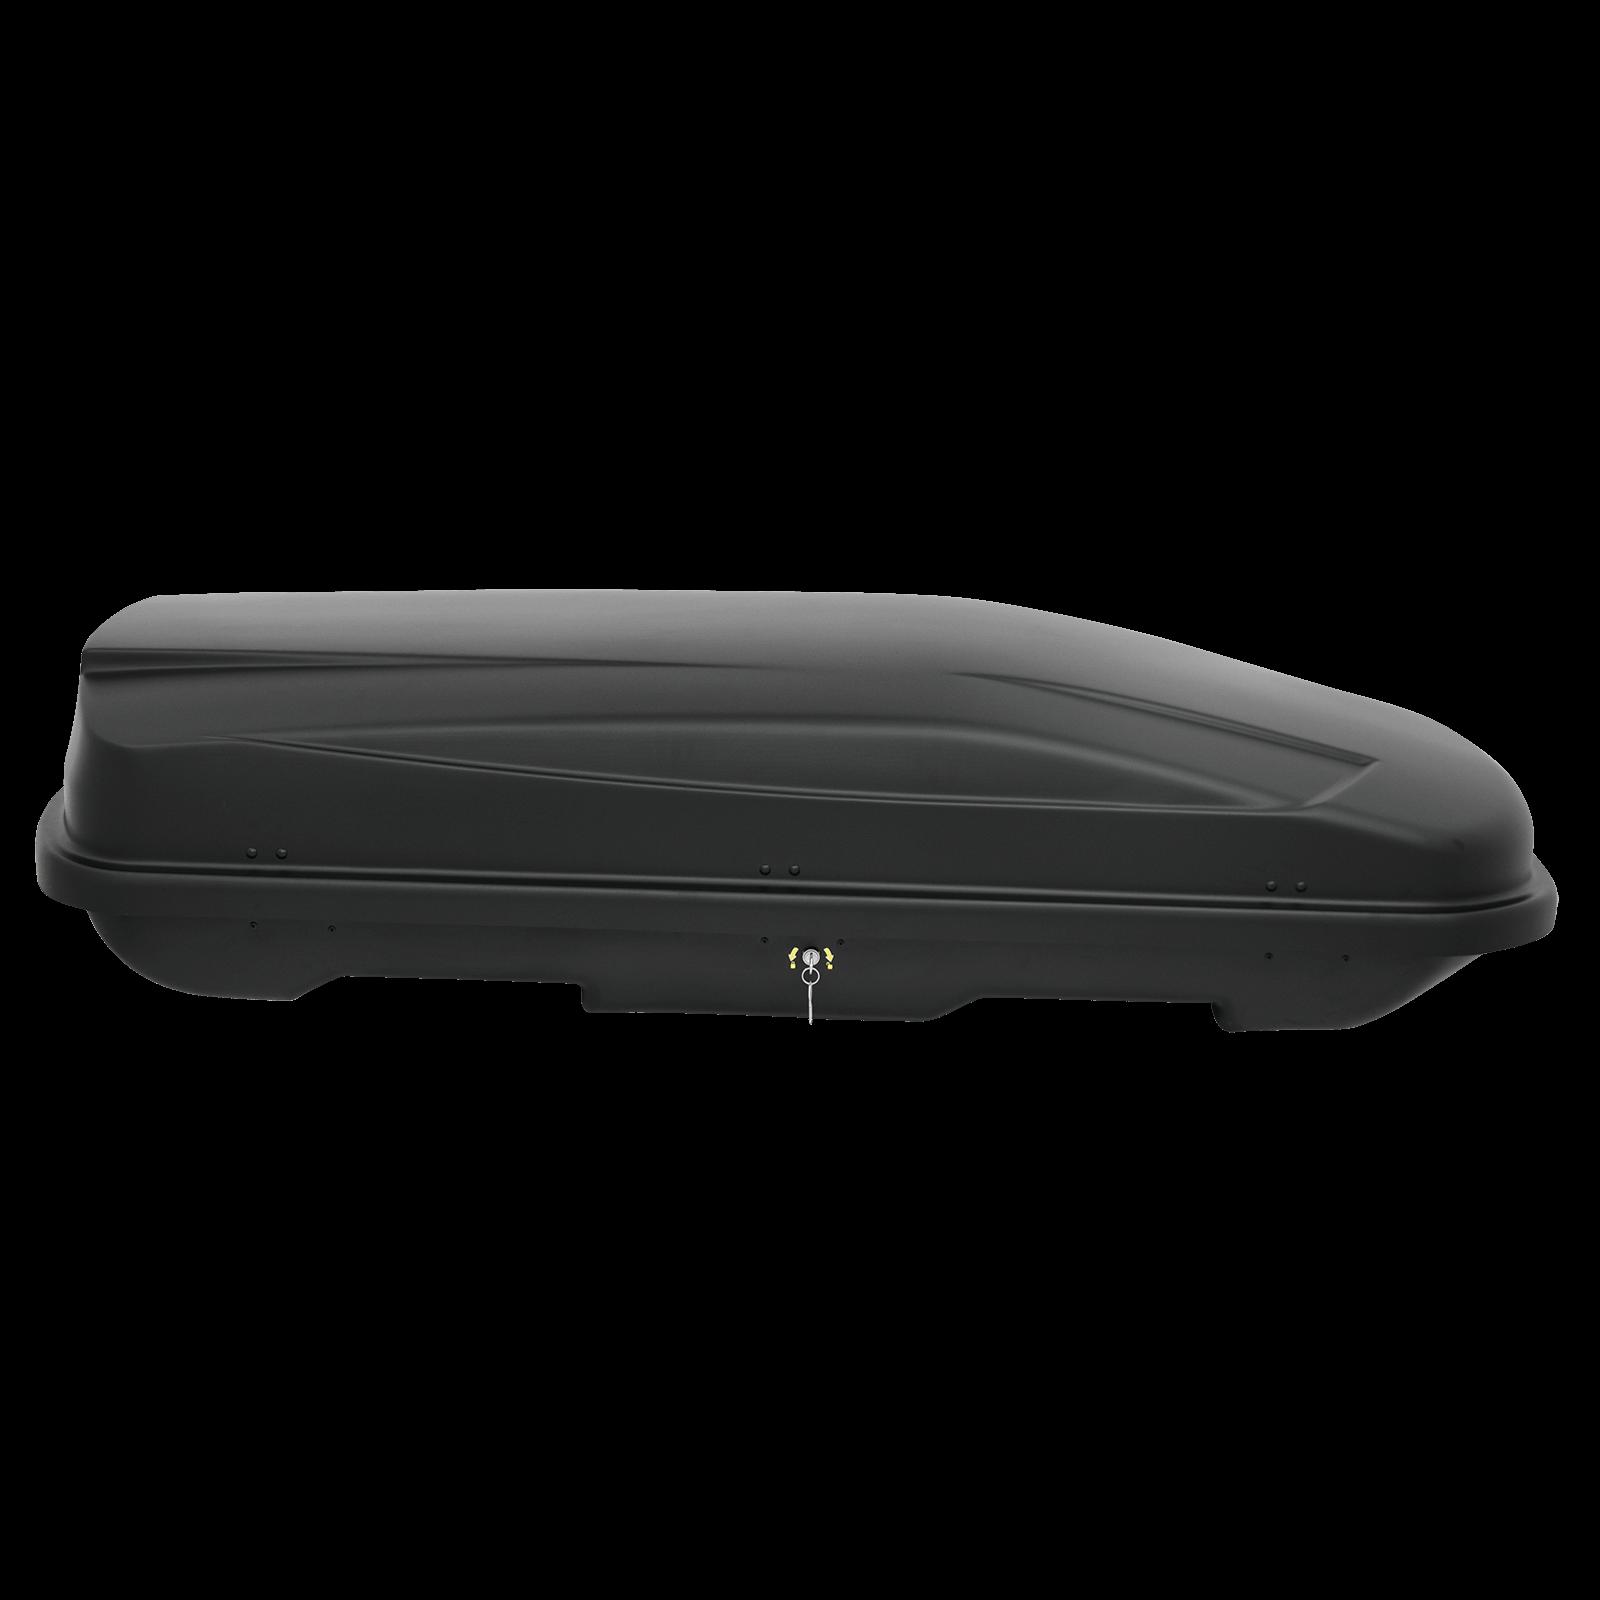 Dachbox Junior Xtreme 600 schwarz matt - Bild 4